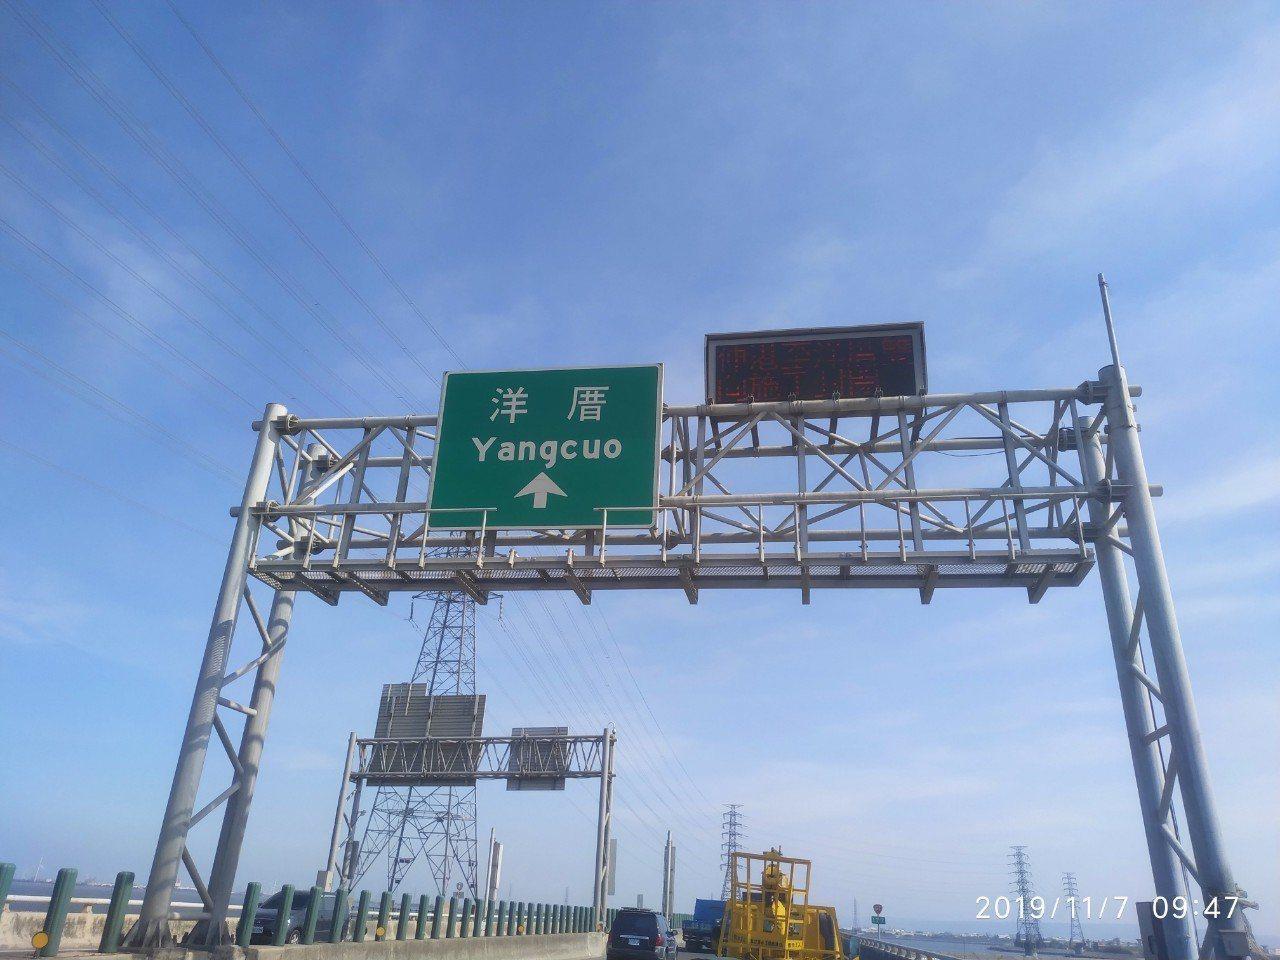 彰化縣警察局規劃西濱北上177公里到168公里路段,也就是鹿港彰濱交流道到伸港交...